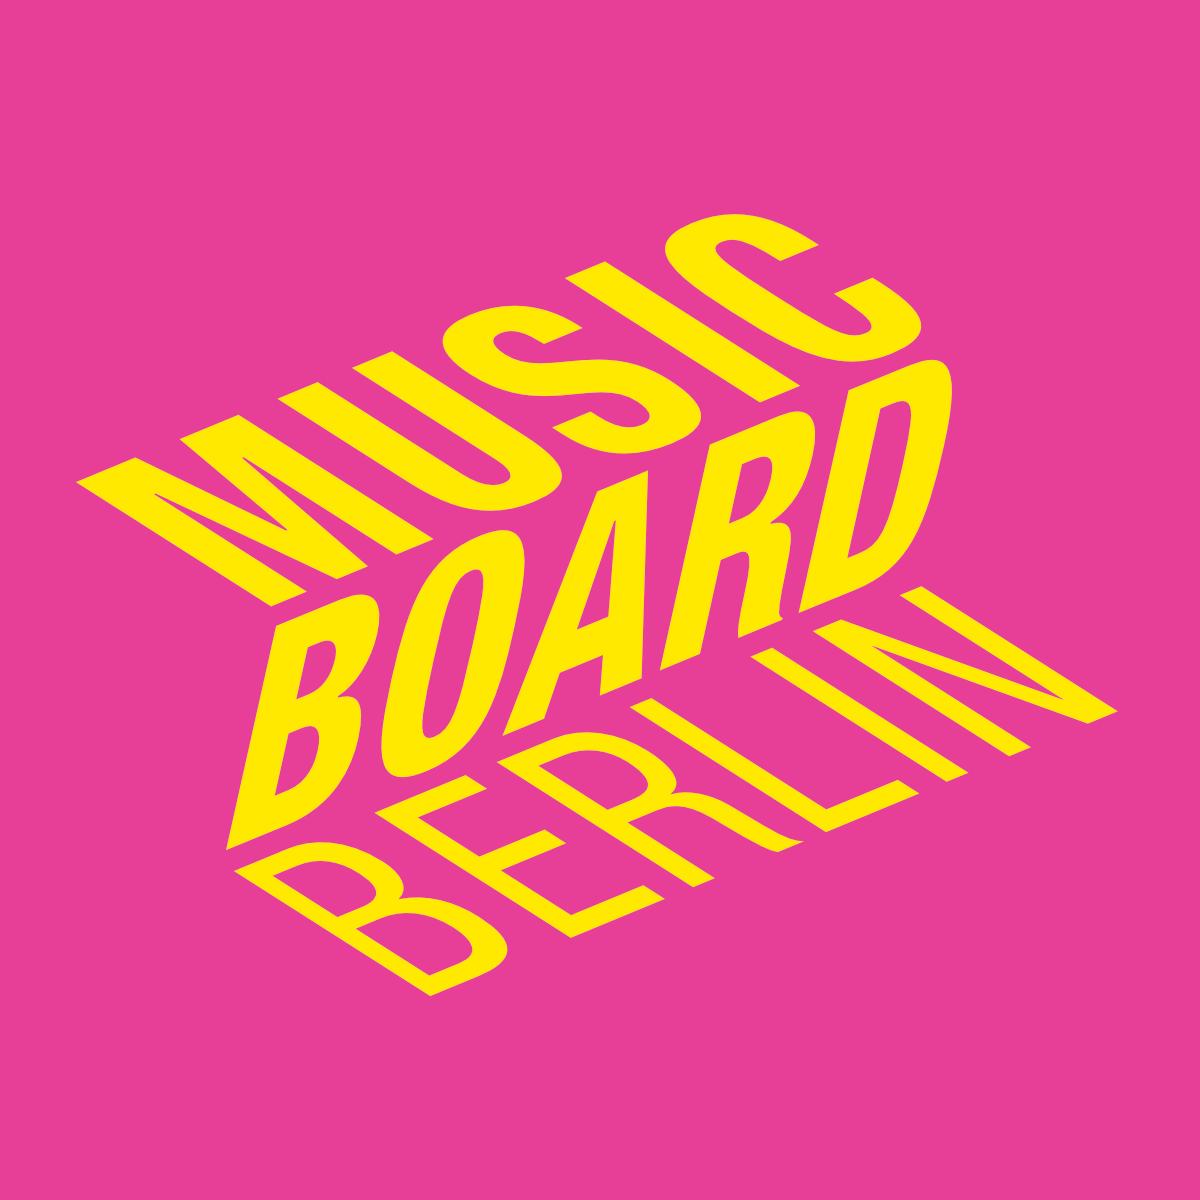 Musicboard Berlin, geförderte Projekte, Förderung, Popmusik, Festivalförderung